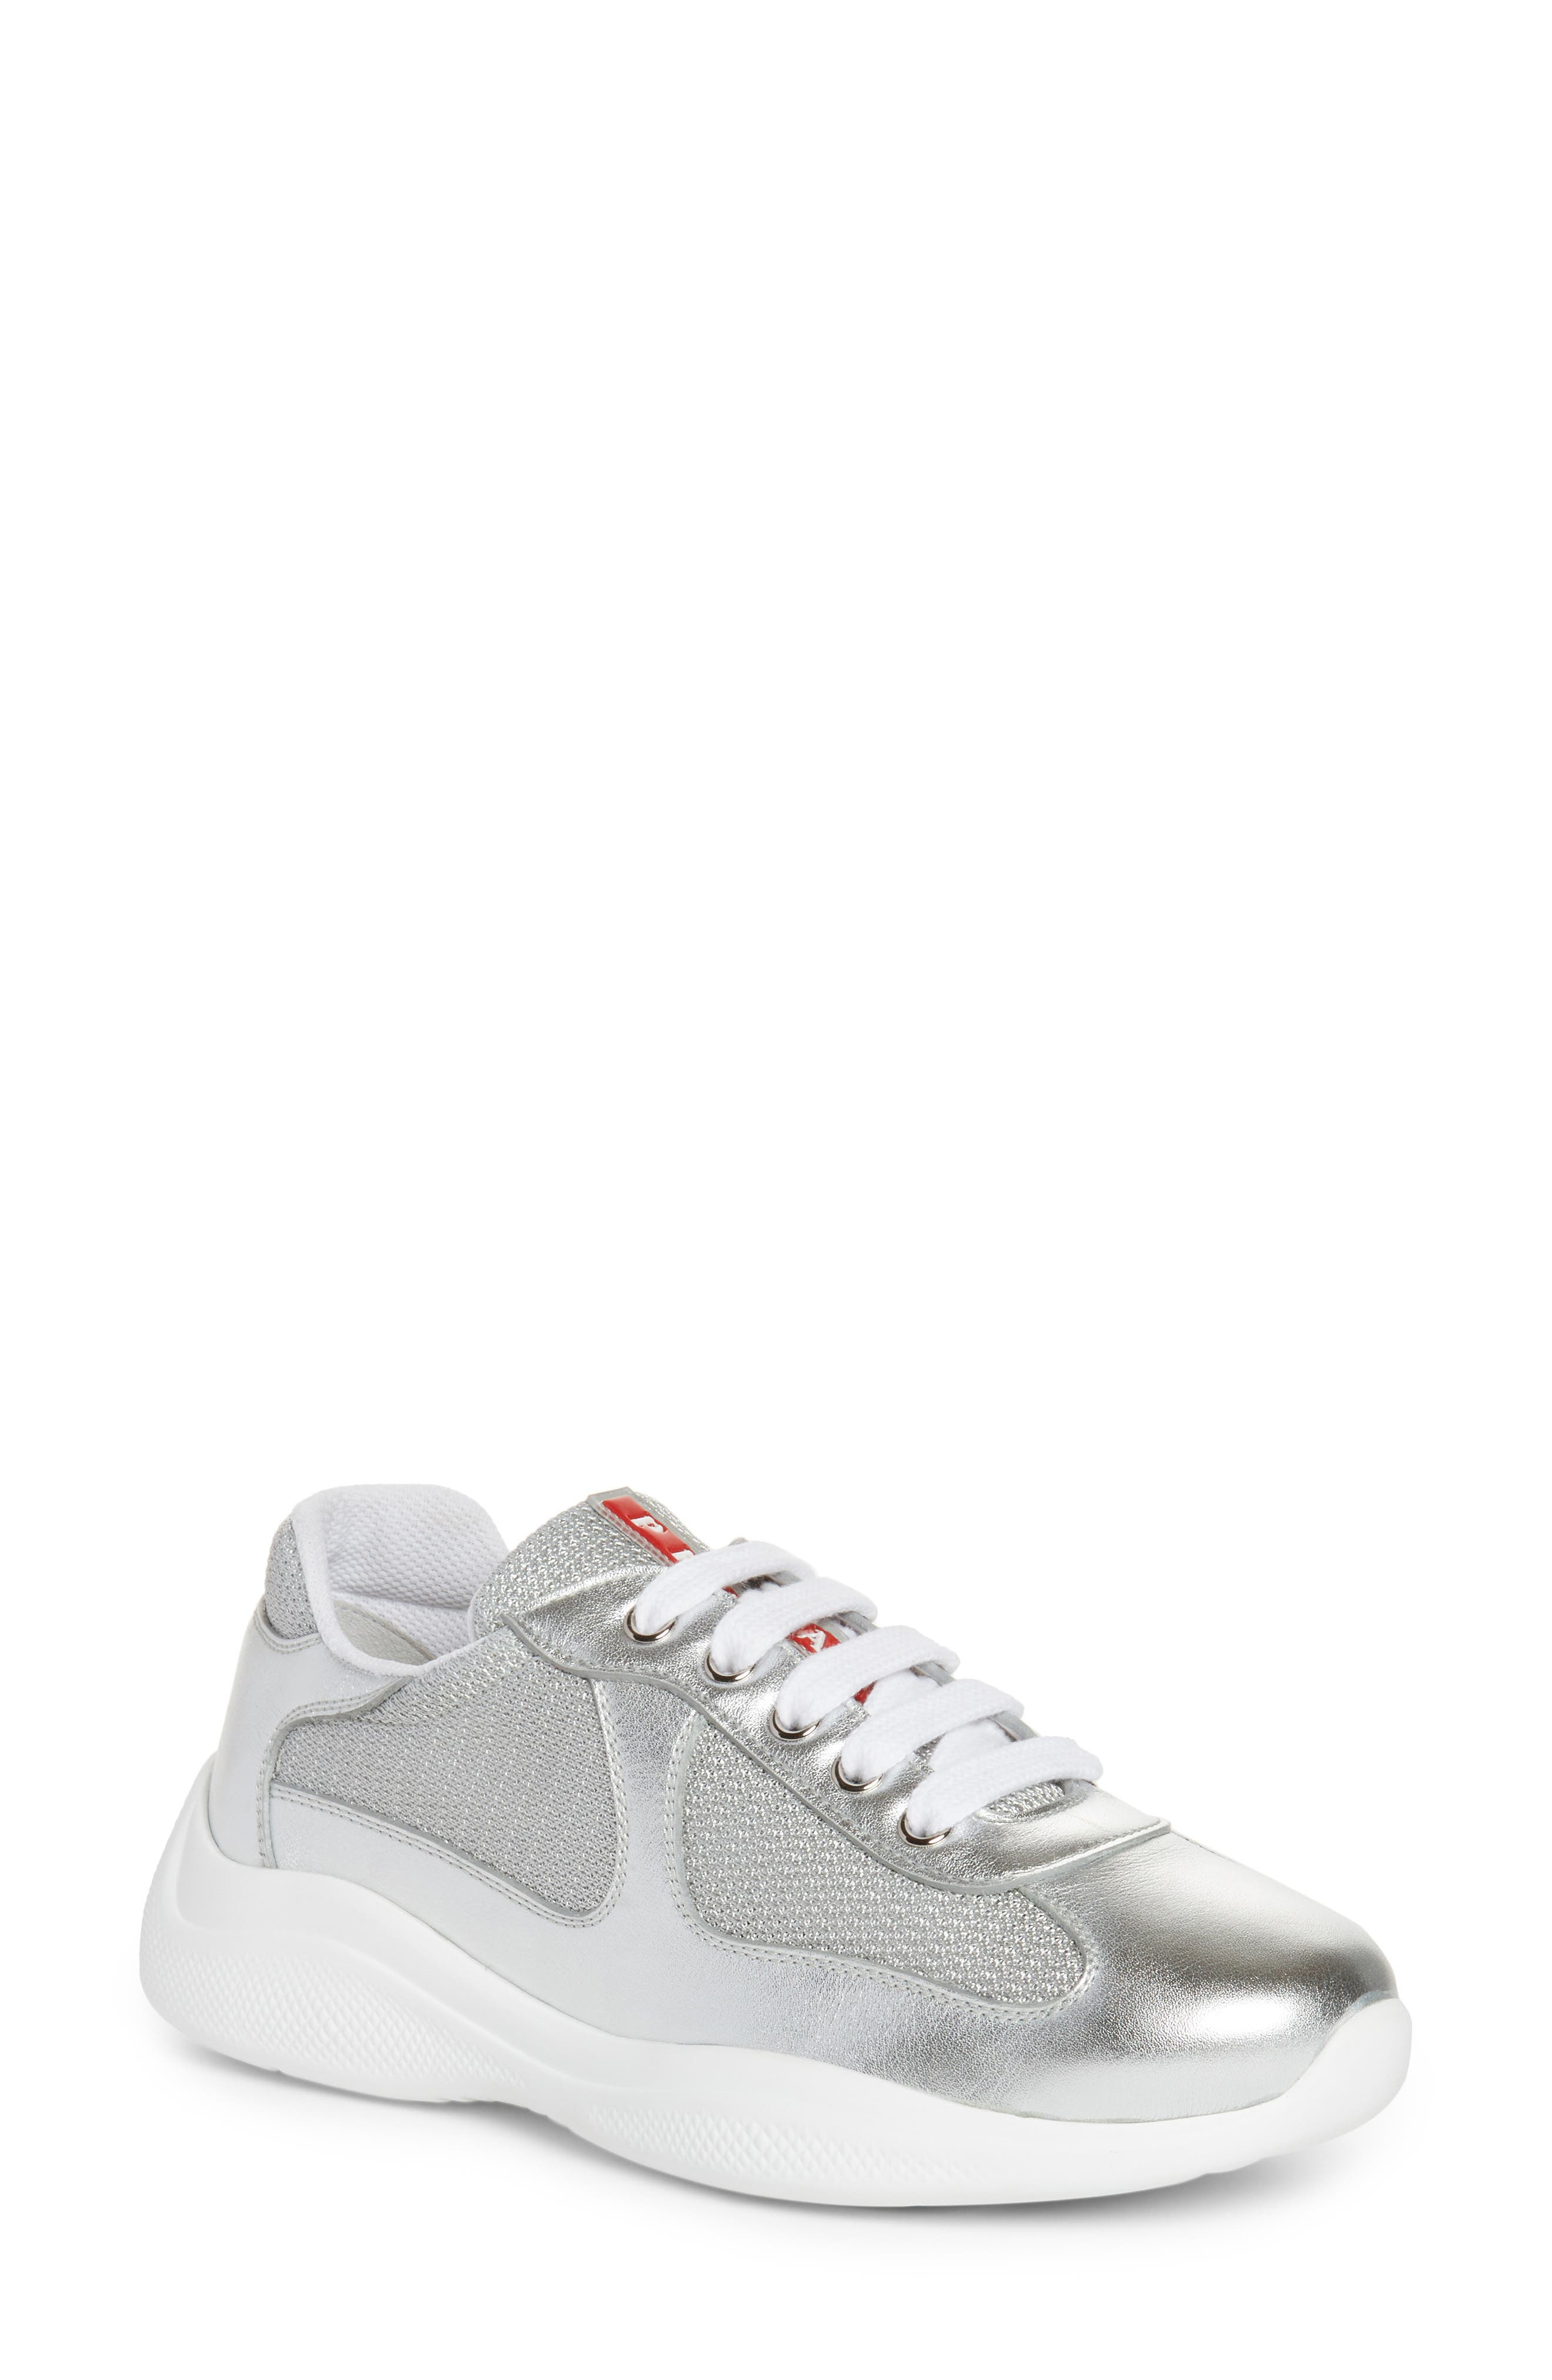 Prada Low-Top Sneaker (Women)